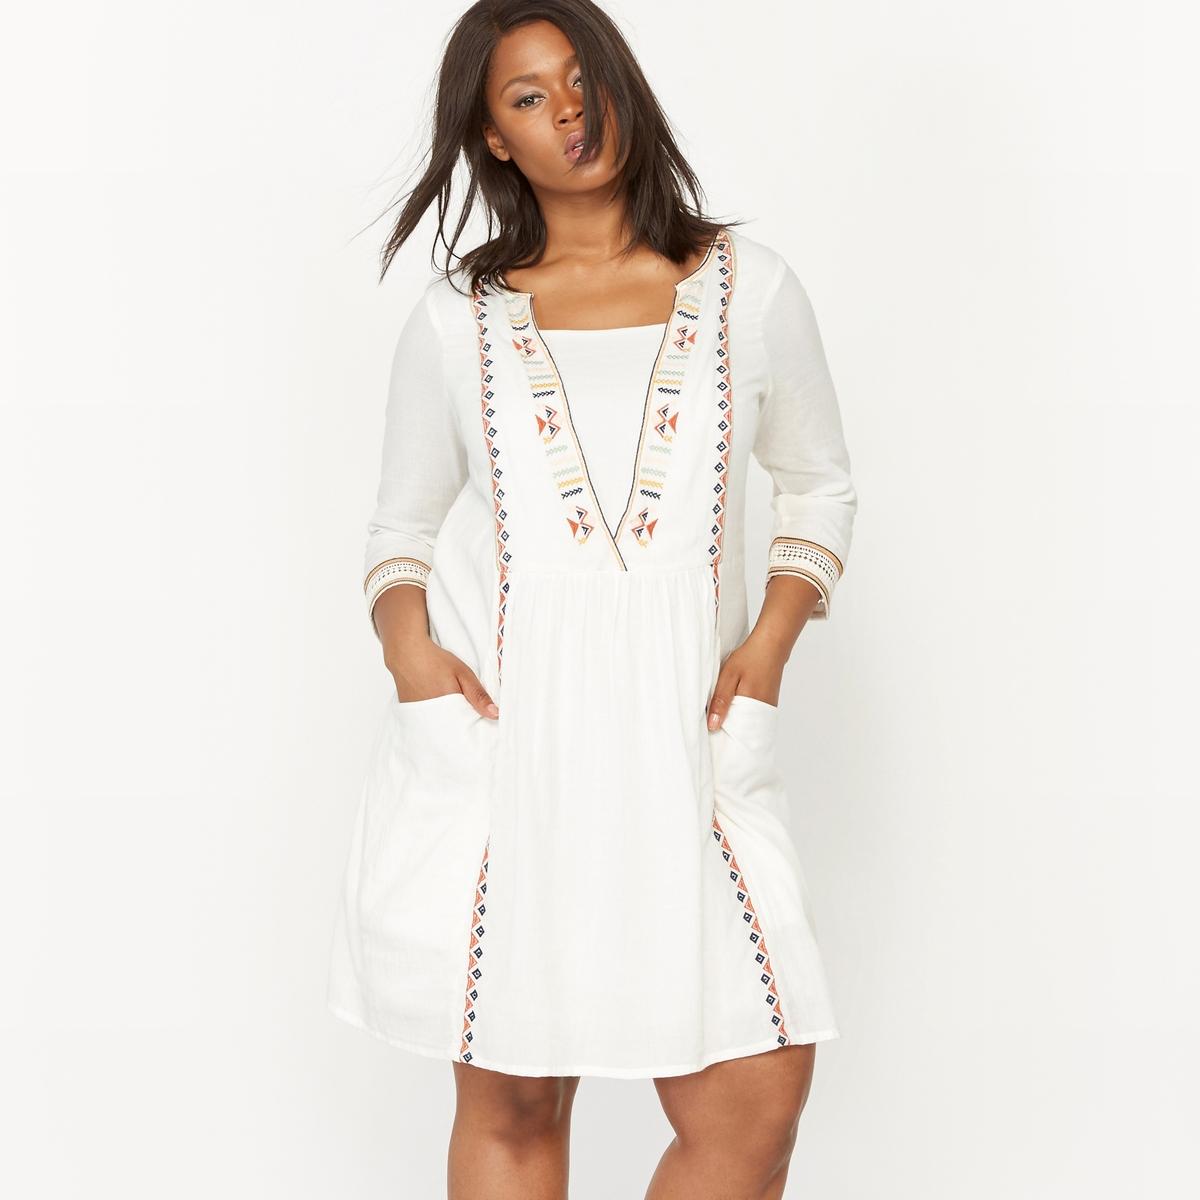 Платье с вышивкой с рукавами 3/4 платье с вышивкой